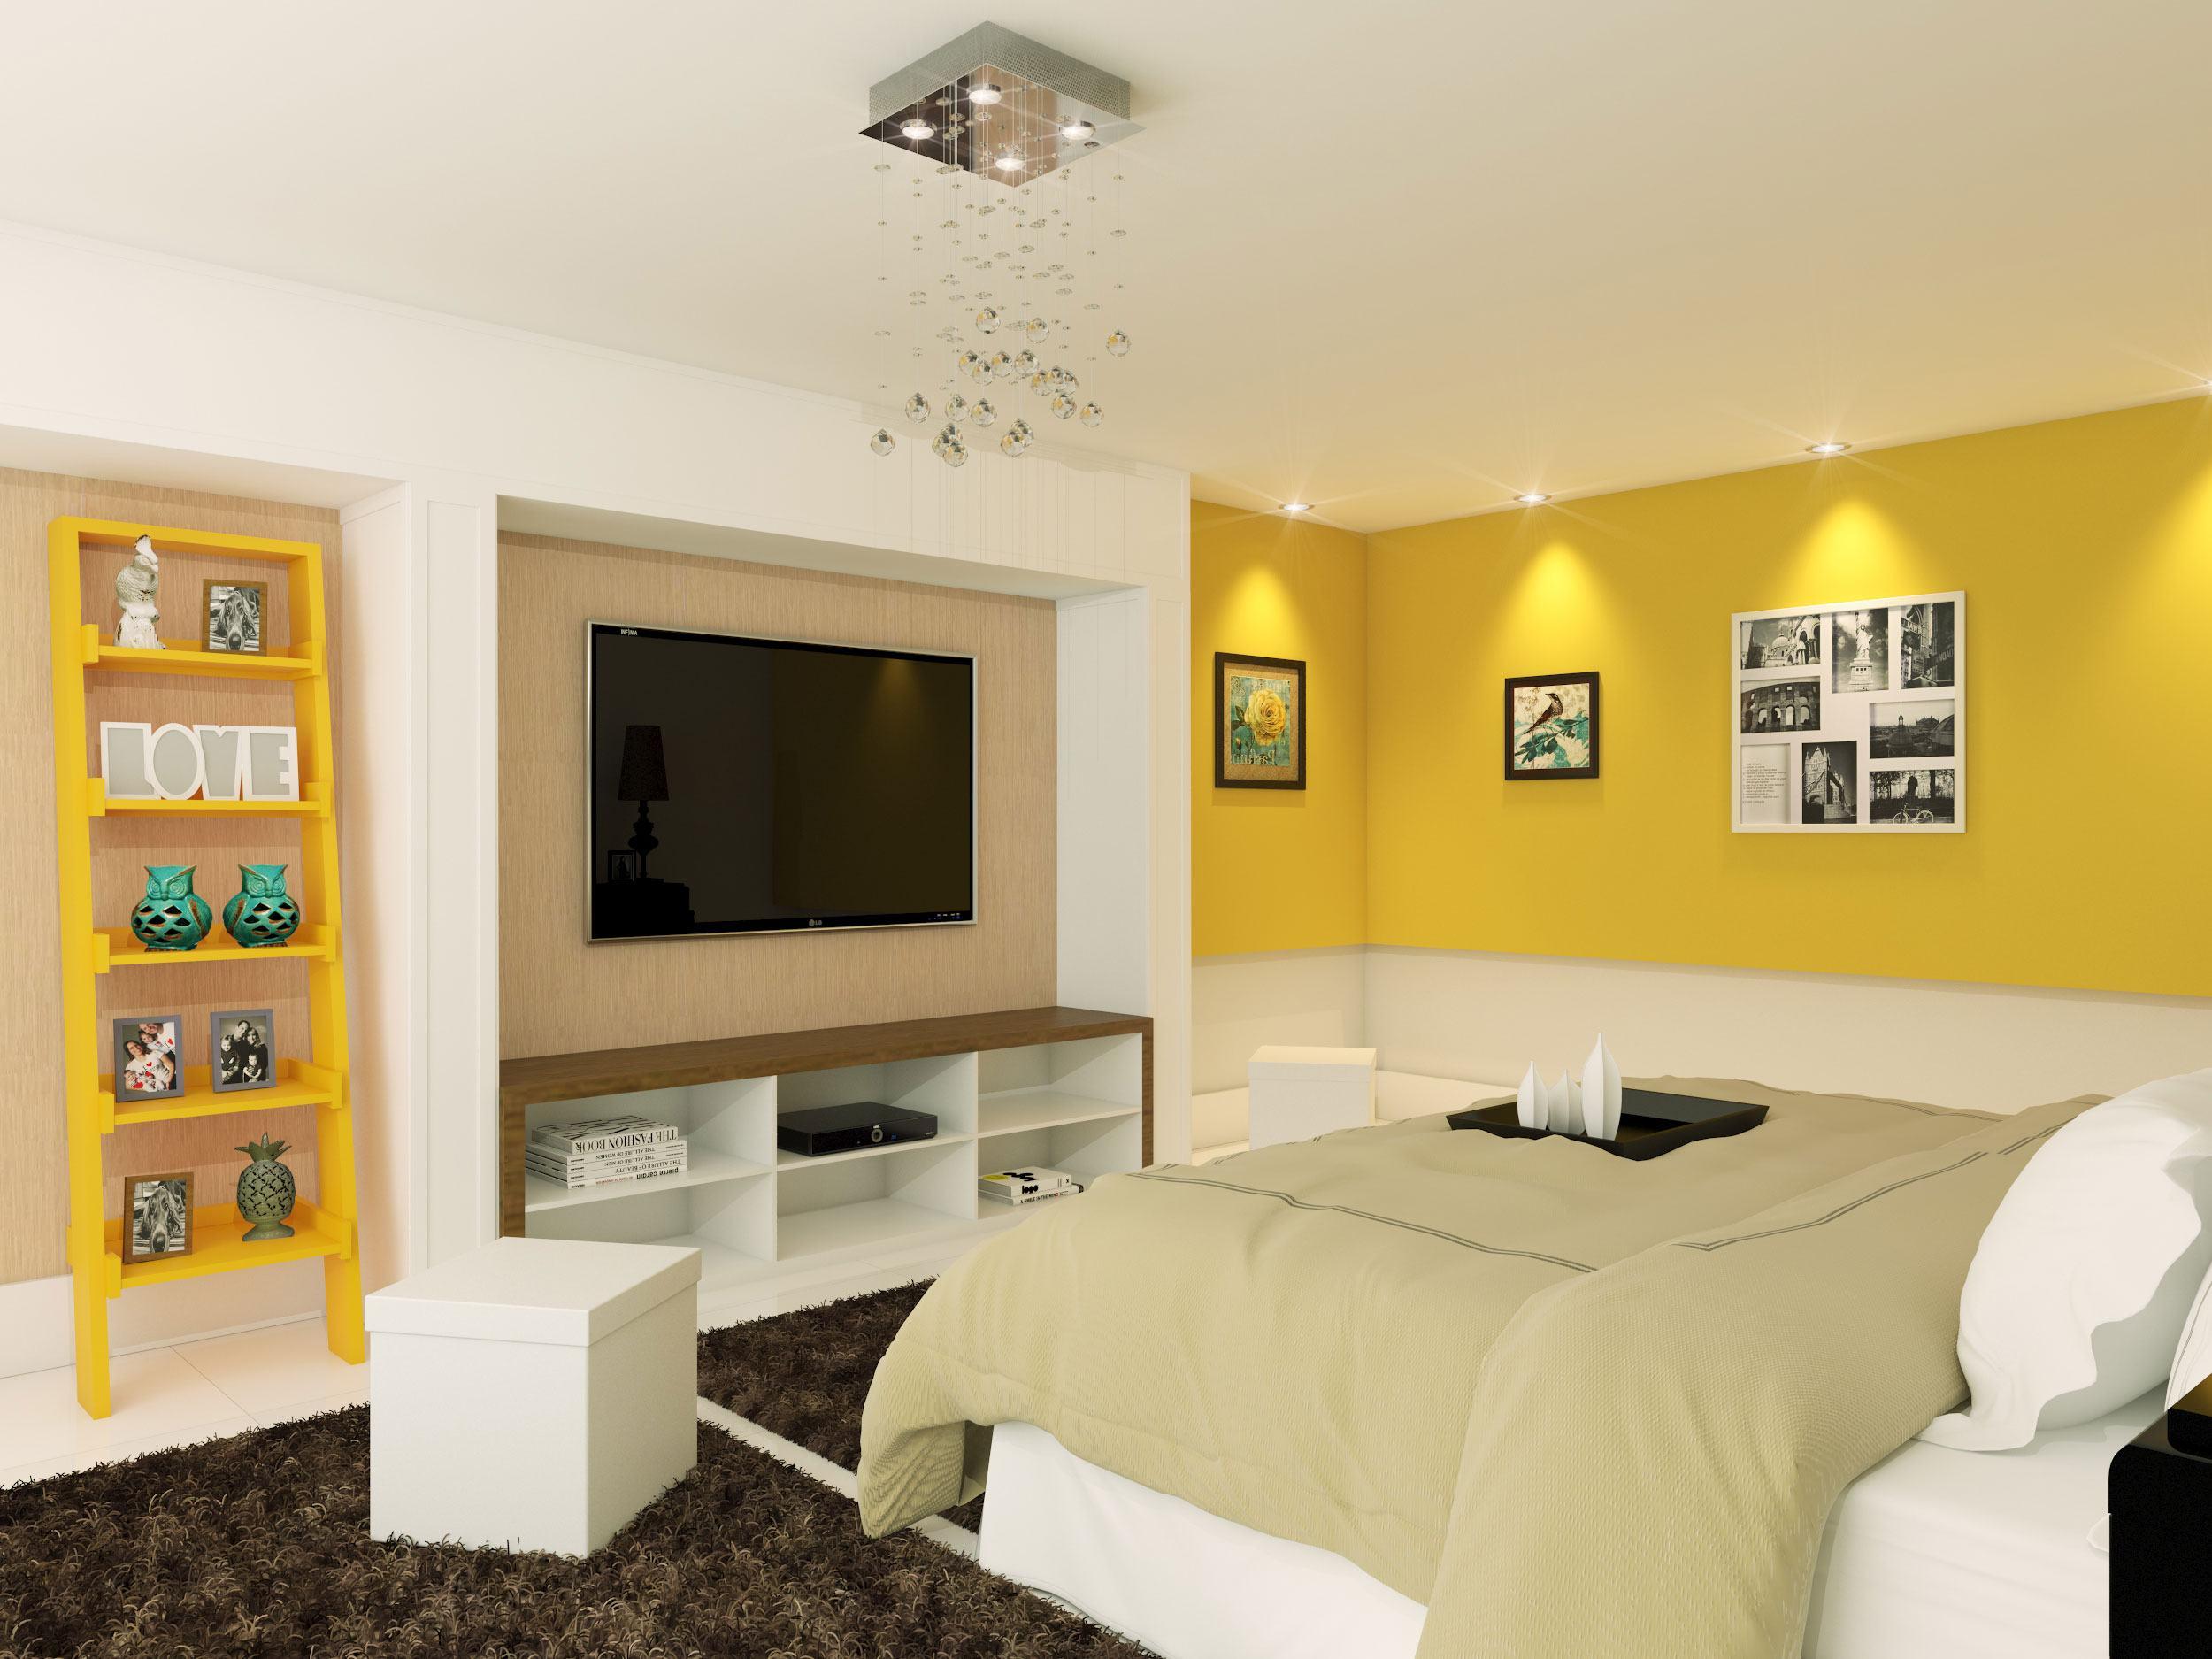 Uma maneira moderna para iluminar o quarto é utilizar o lustre de fios com os cristais aparentes.